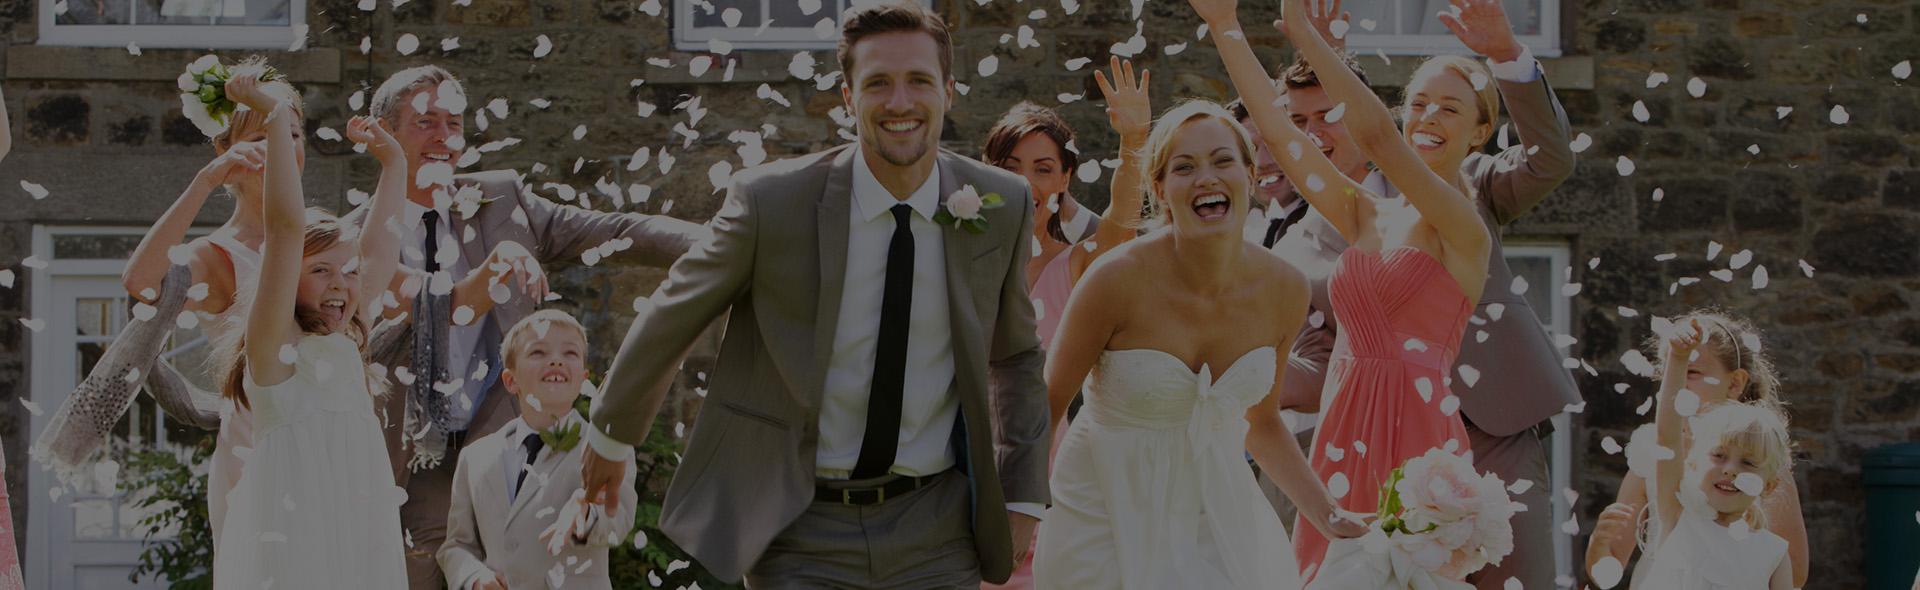 Wedding Couple Celebrating